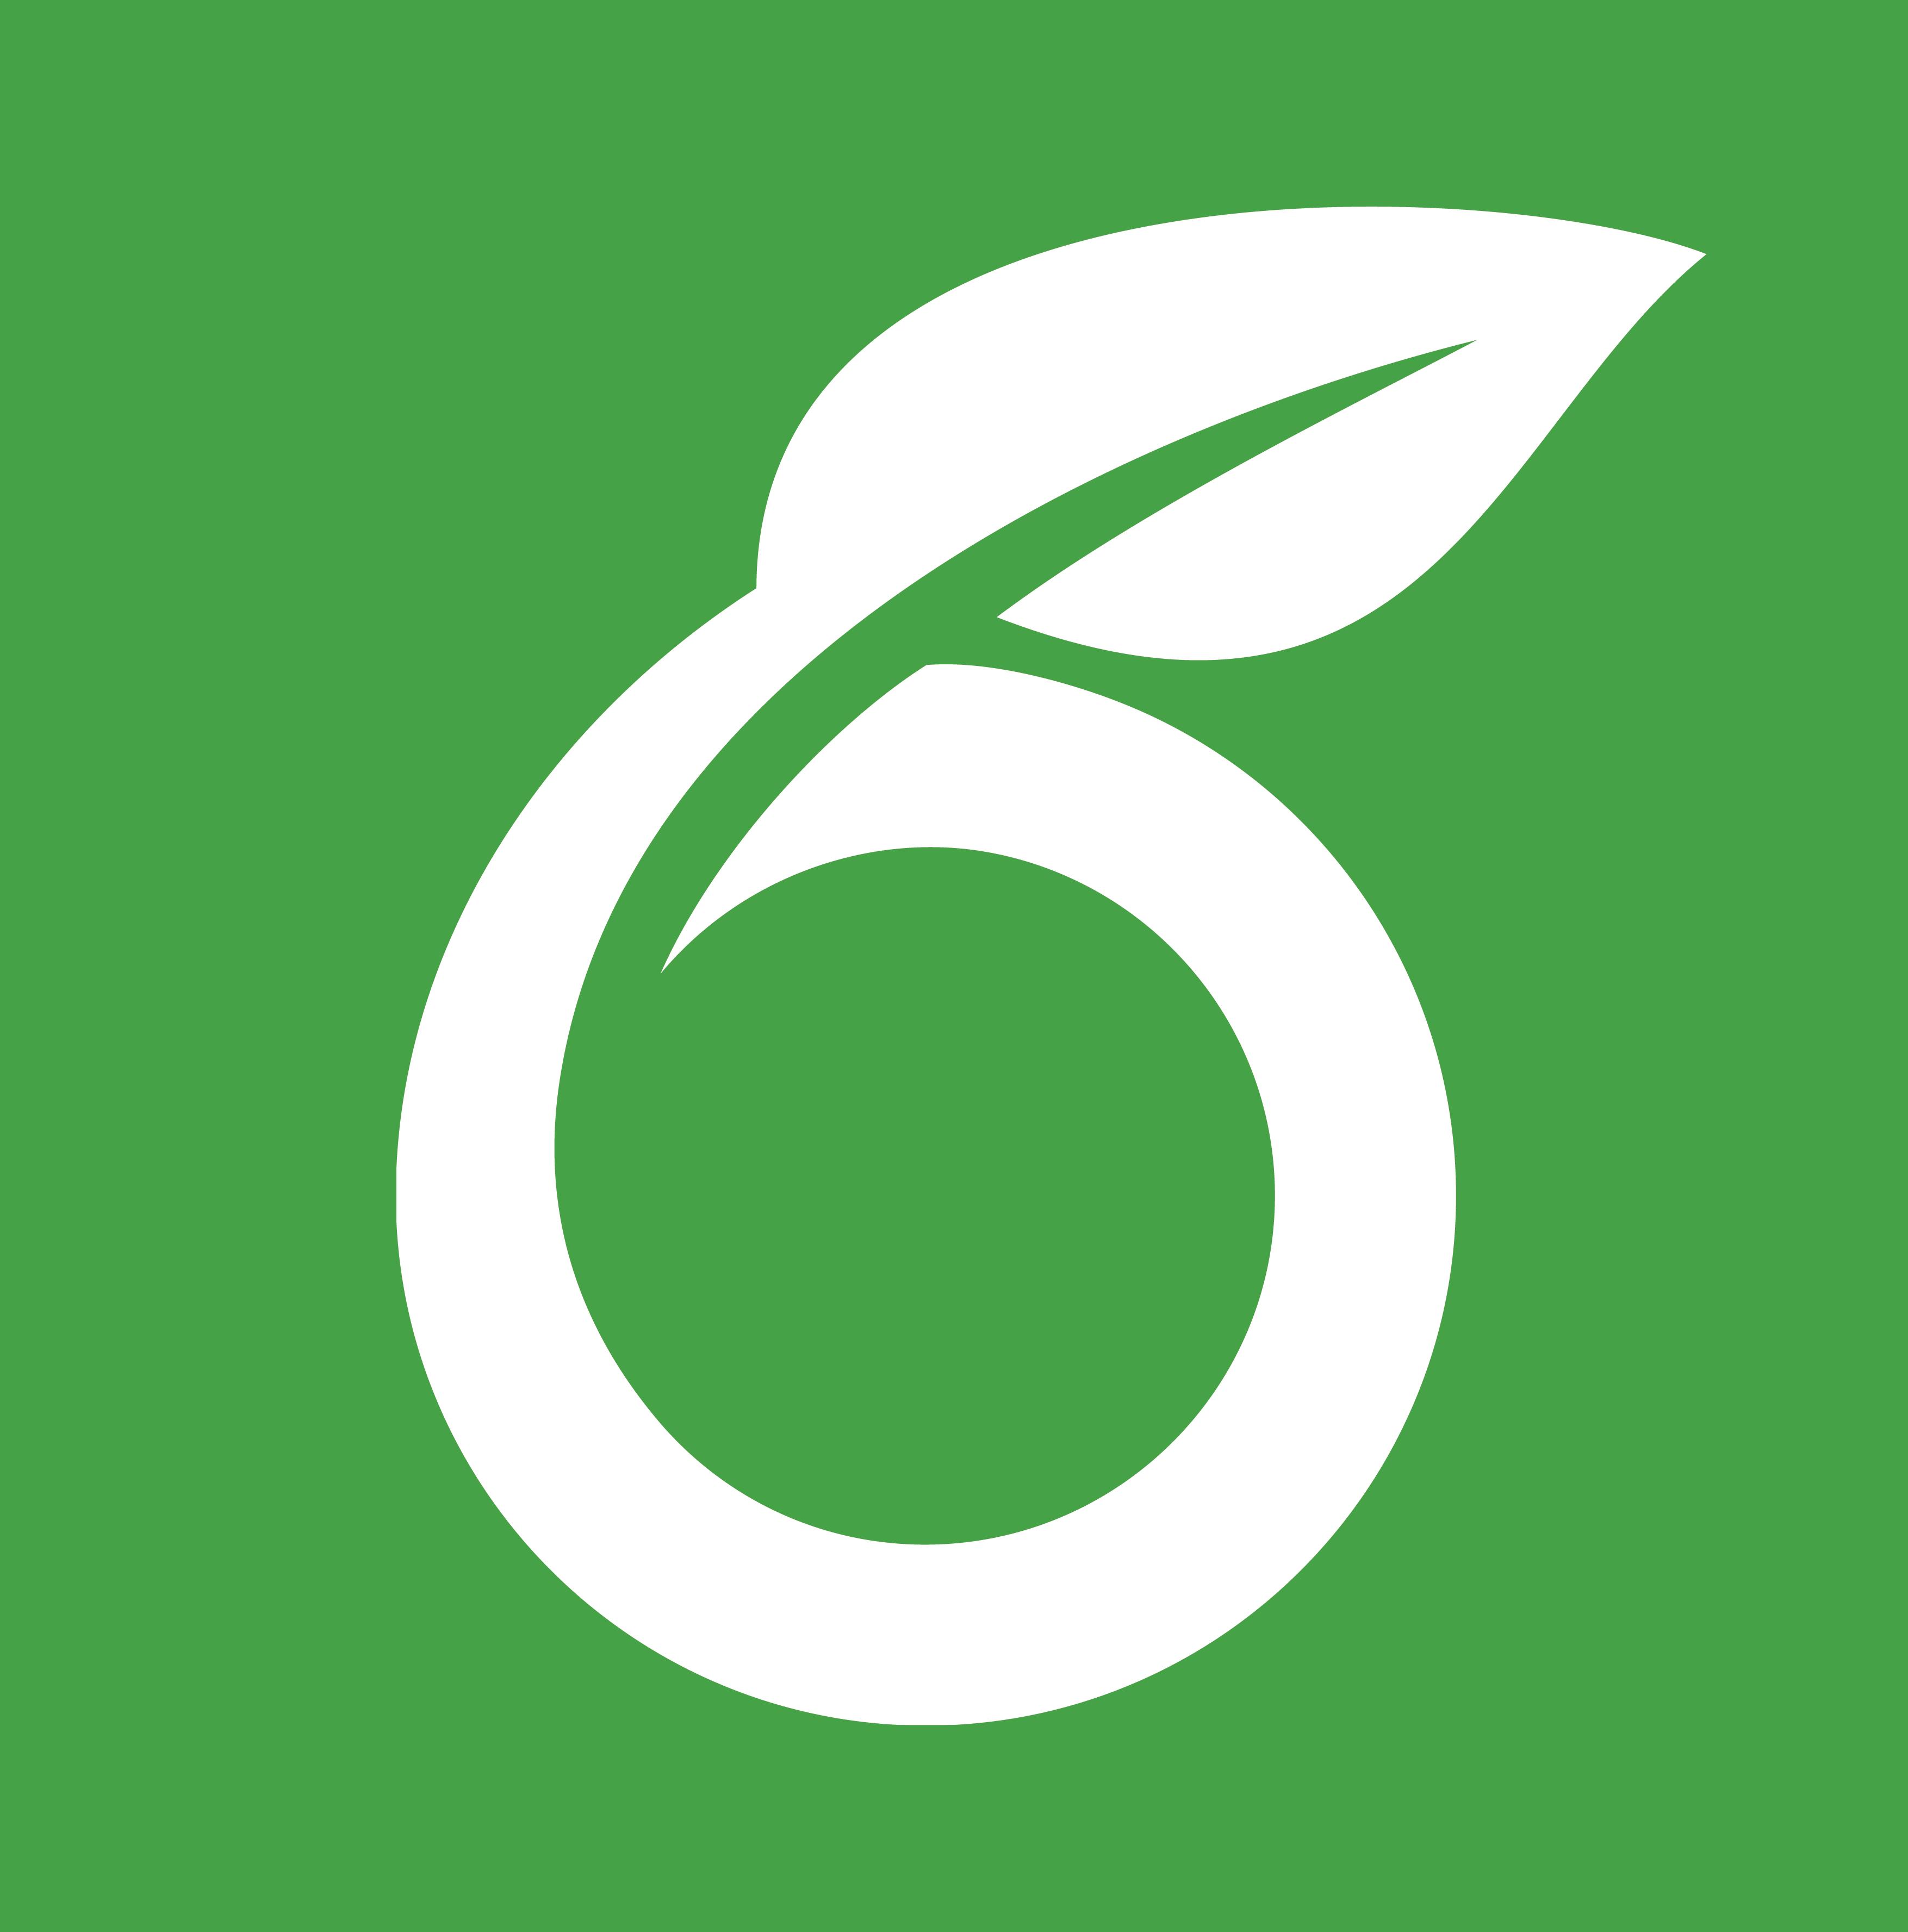 Offizielles Logo von Overleaf